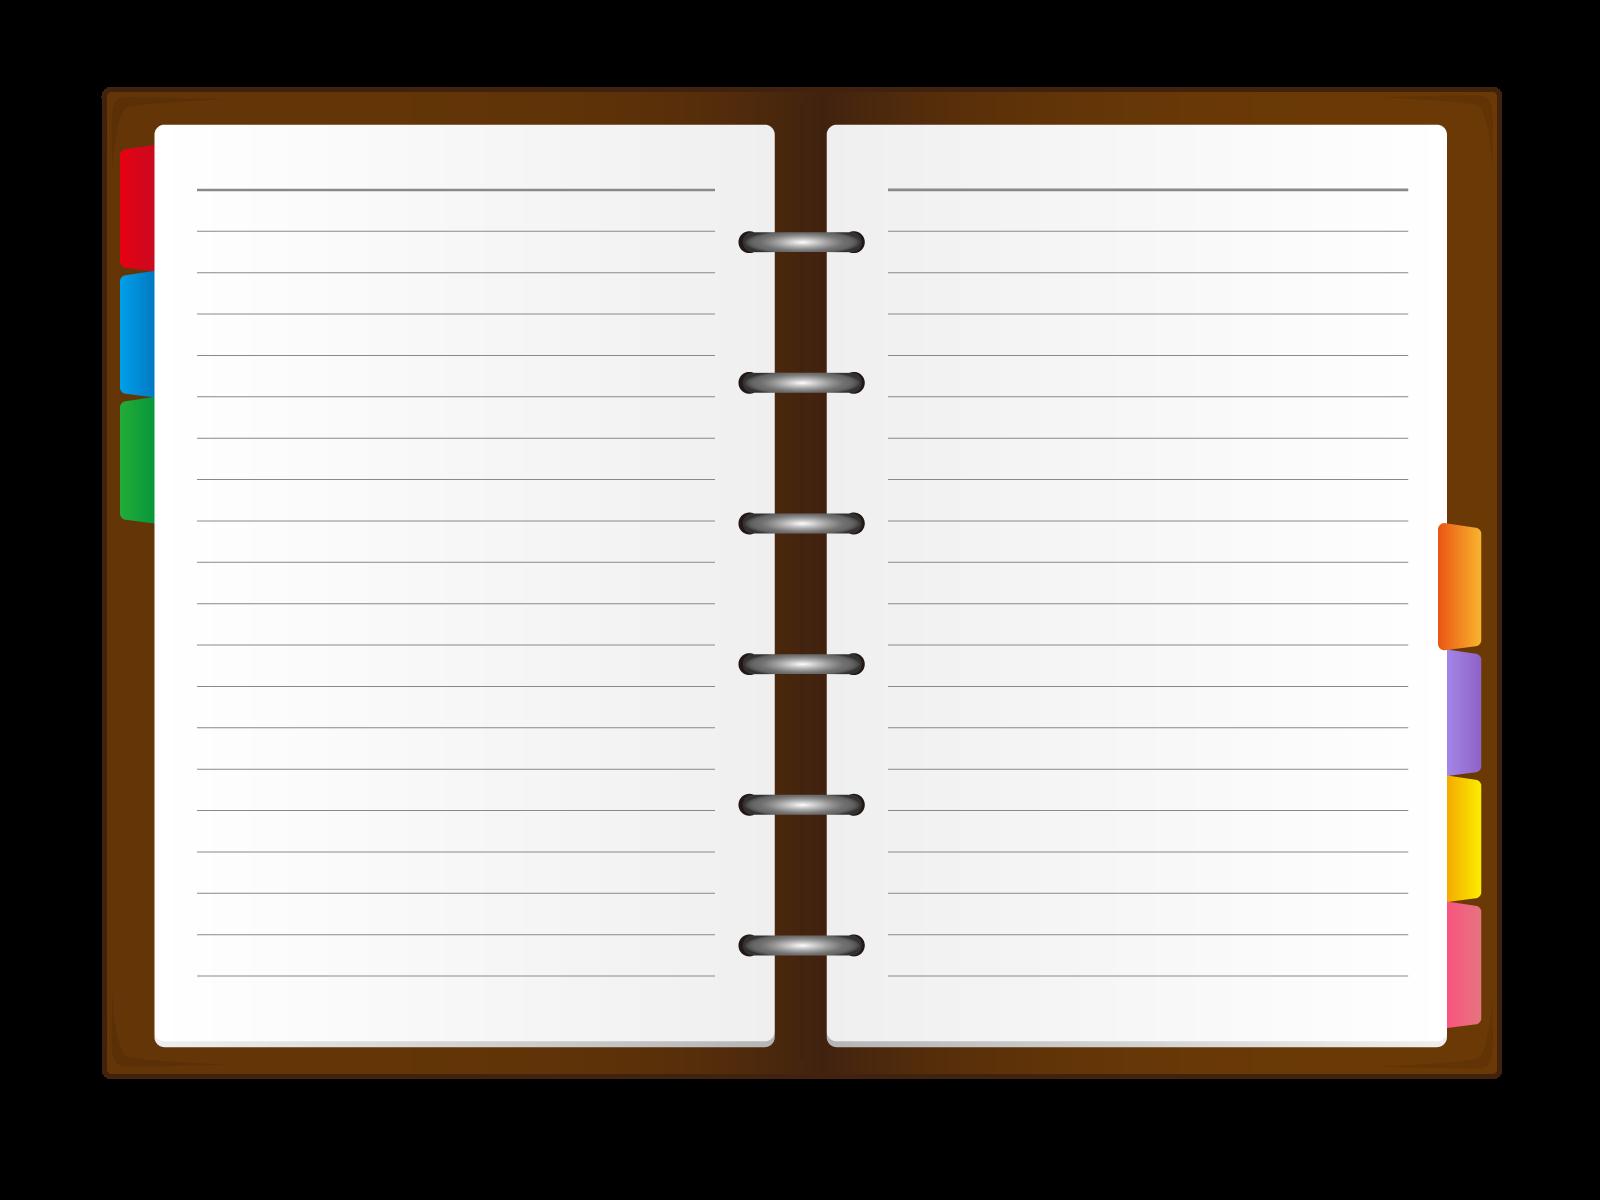 仕訳日記帳、総勘定元帳、現金出納帳、得意先元帳、仕入先元帳